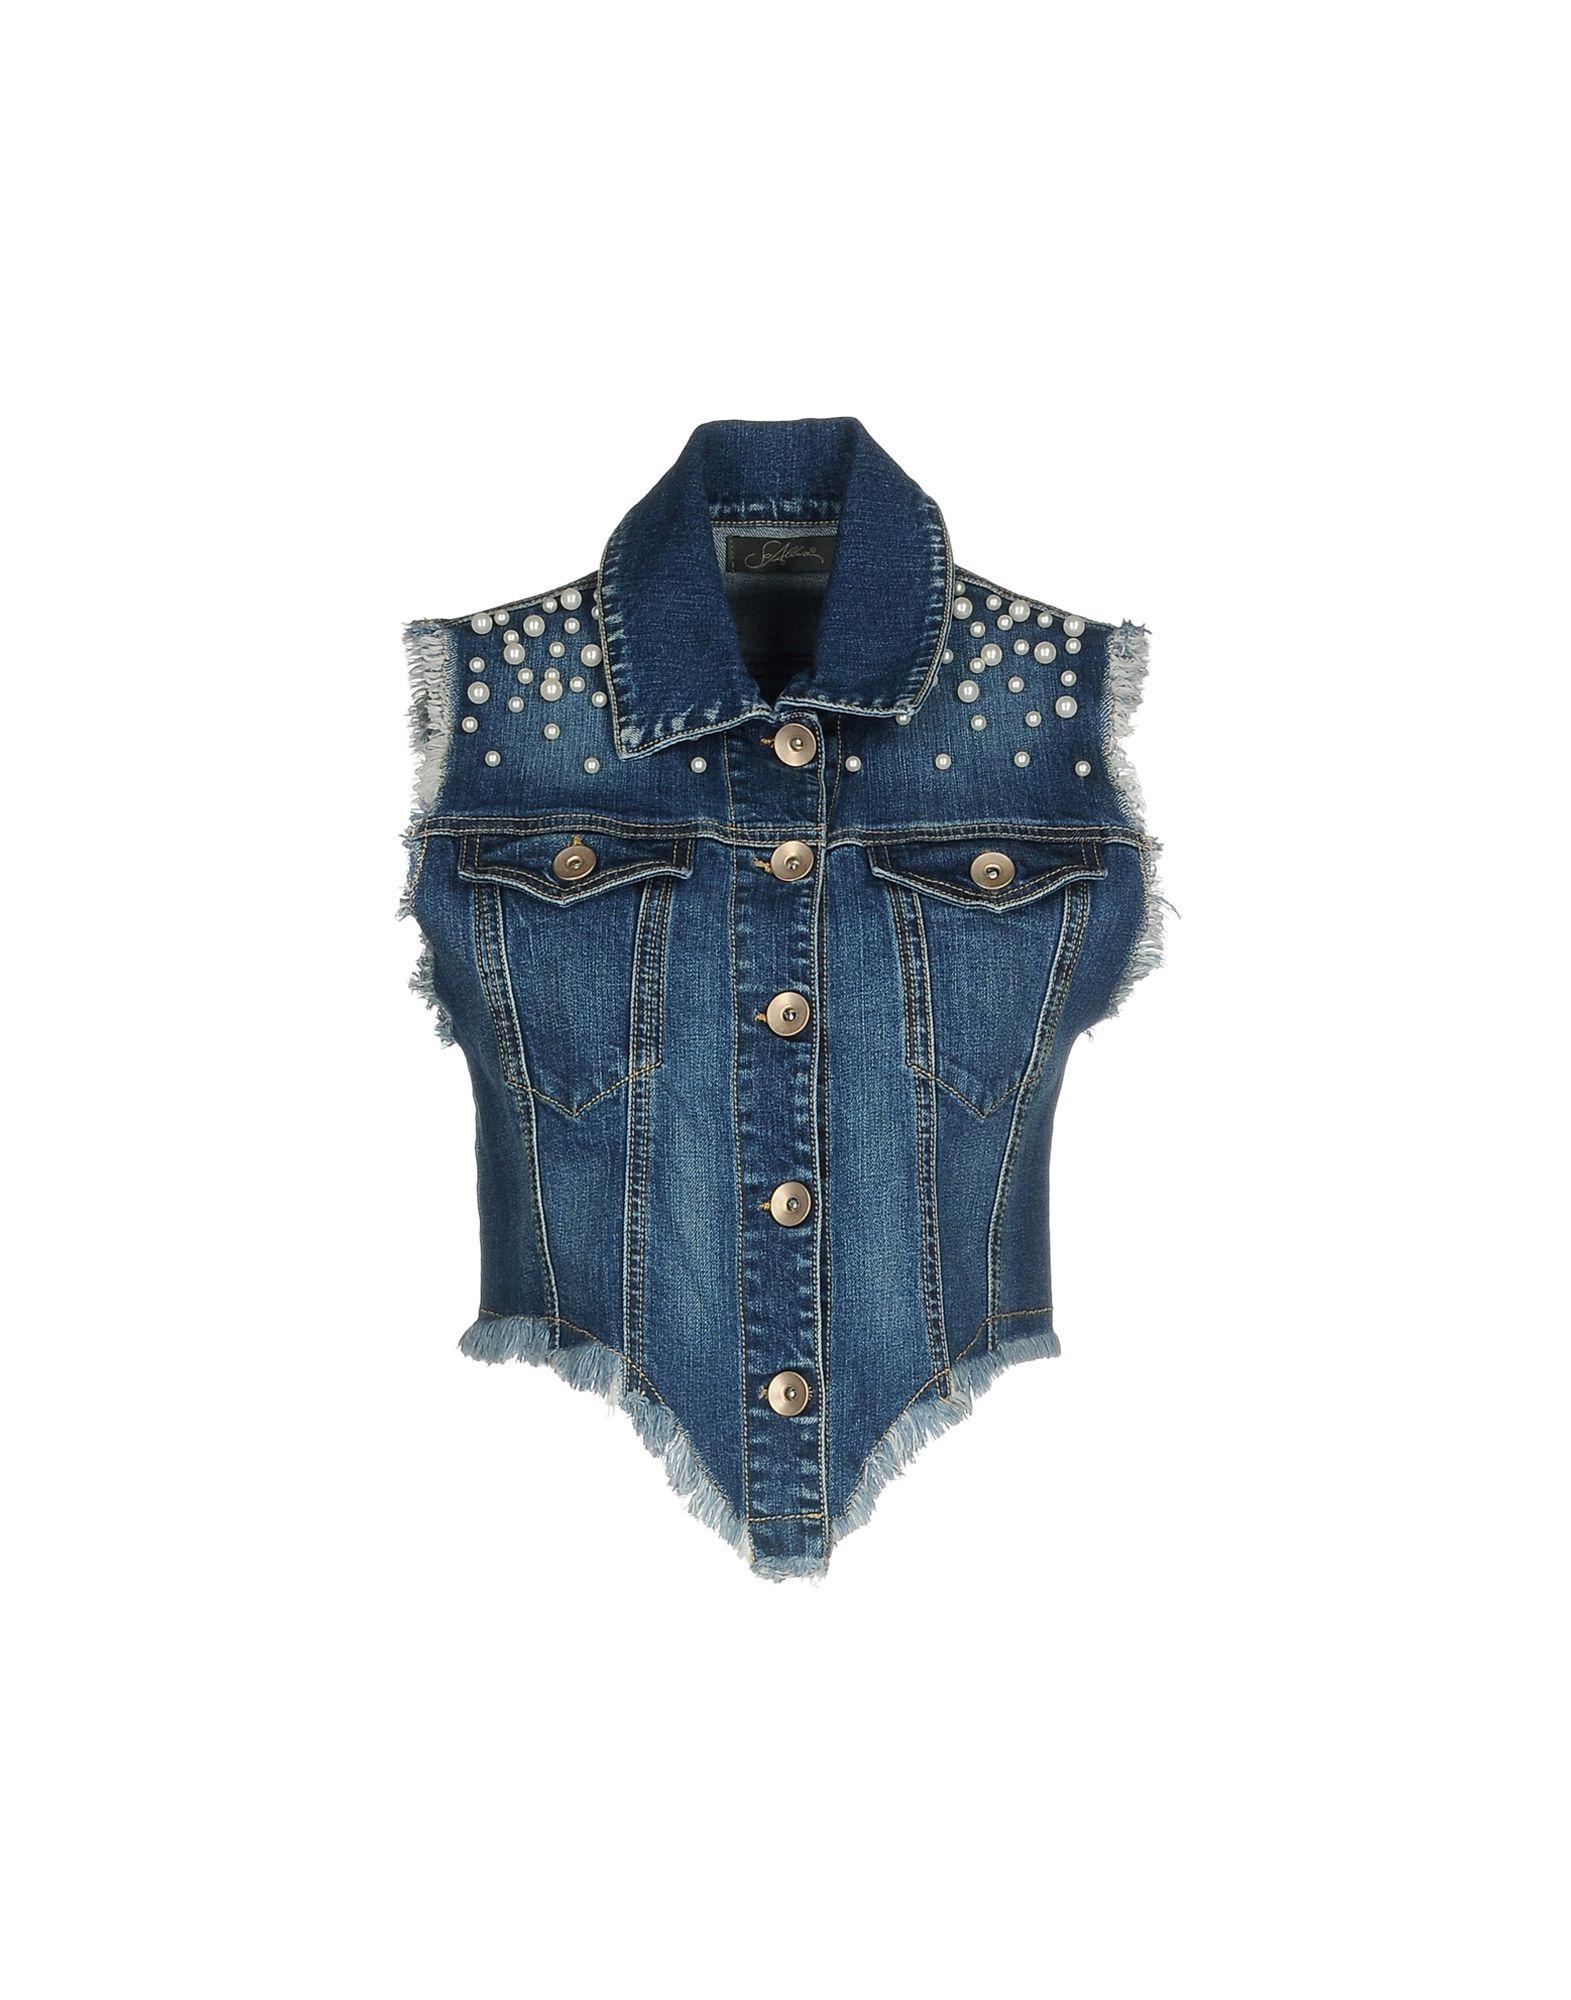 SOALLURE Джинсовая верхняя одежда represent джинсовая верхняя одежда